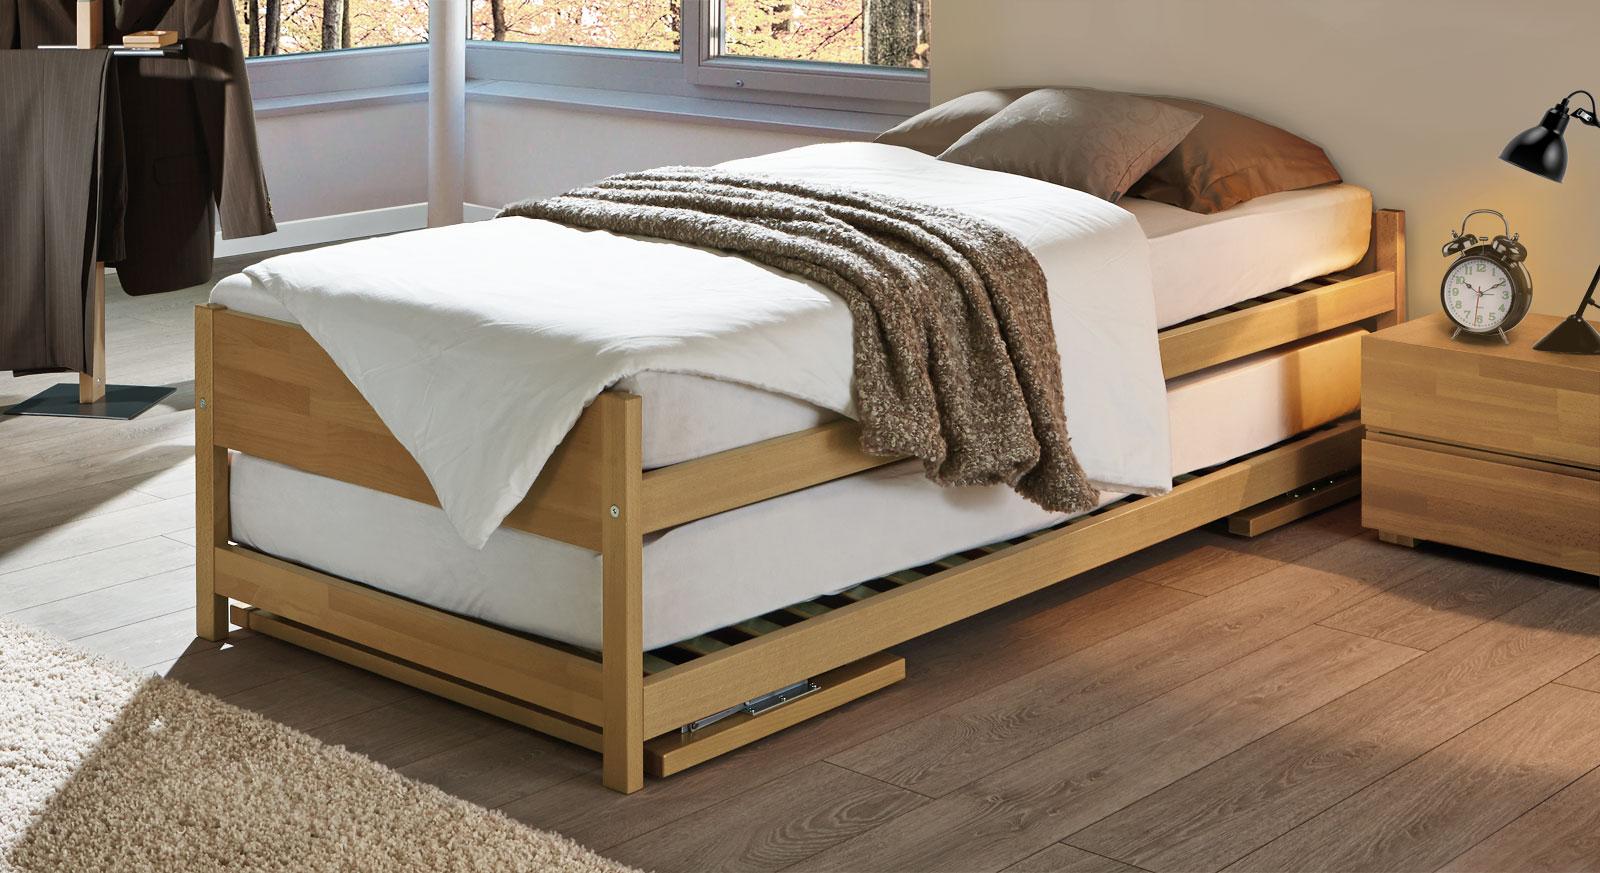 Full Size of Zwei Betten Gleicher Gre Unser Ausziehbett On Top Weiß Bettwäsche Sprüche Paradies Designer Bett Mit Schubladen Hunde 200x200 Balken Einfaches Günstig Bett Bett Zum Ausziehen